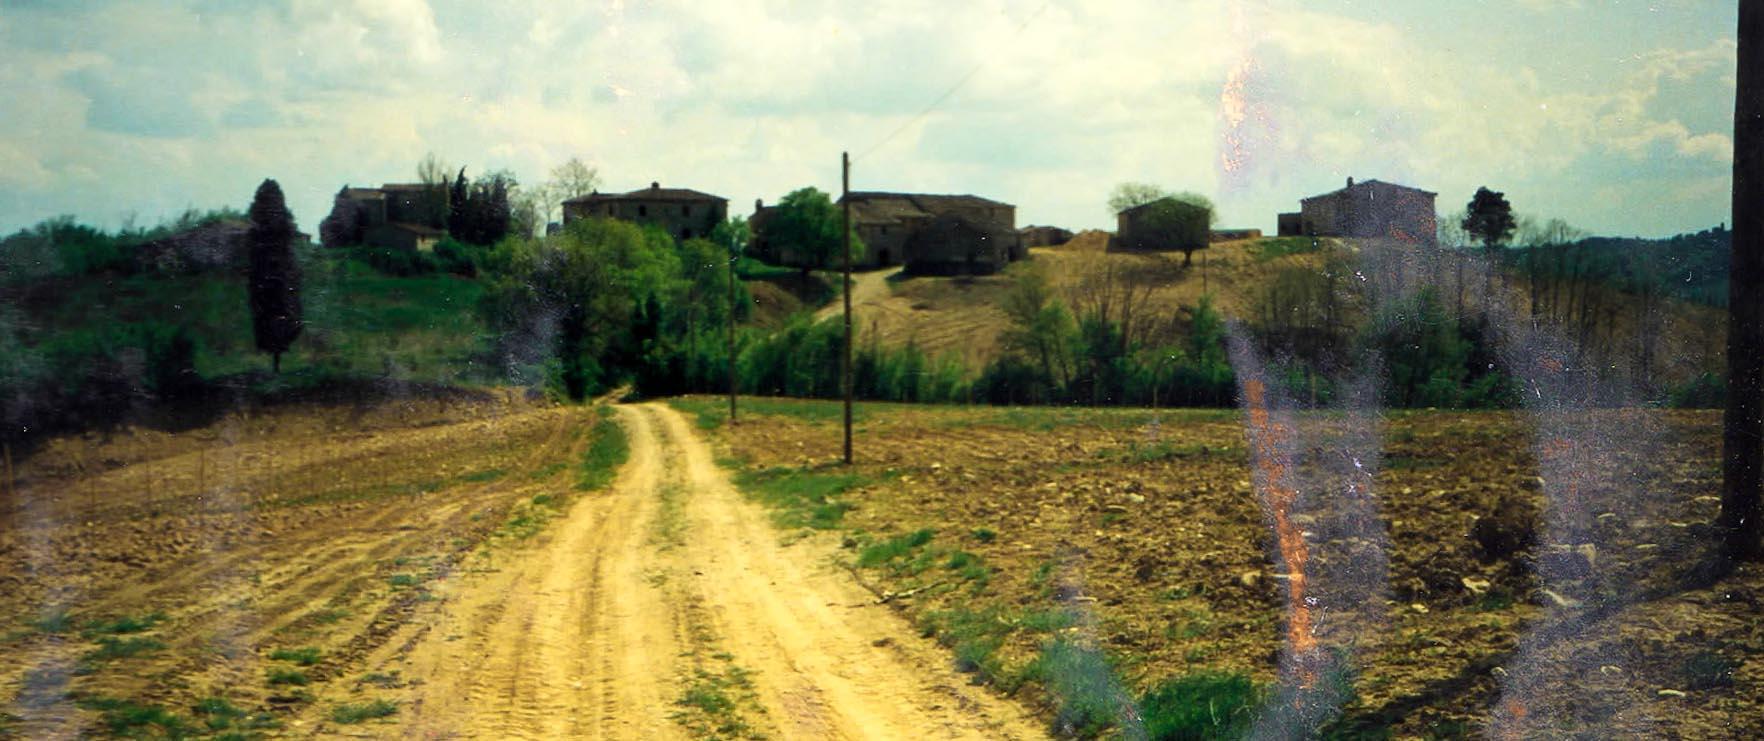 borgo argenina old hamlet story